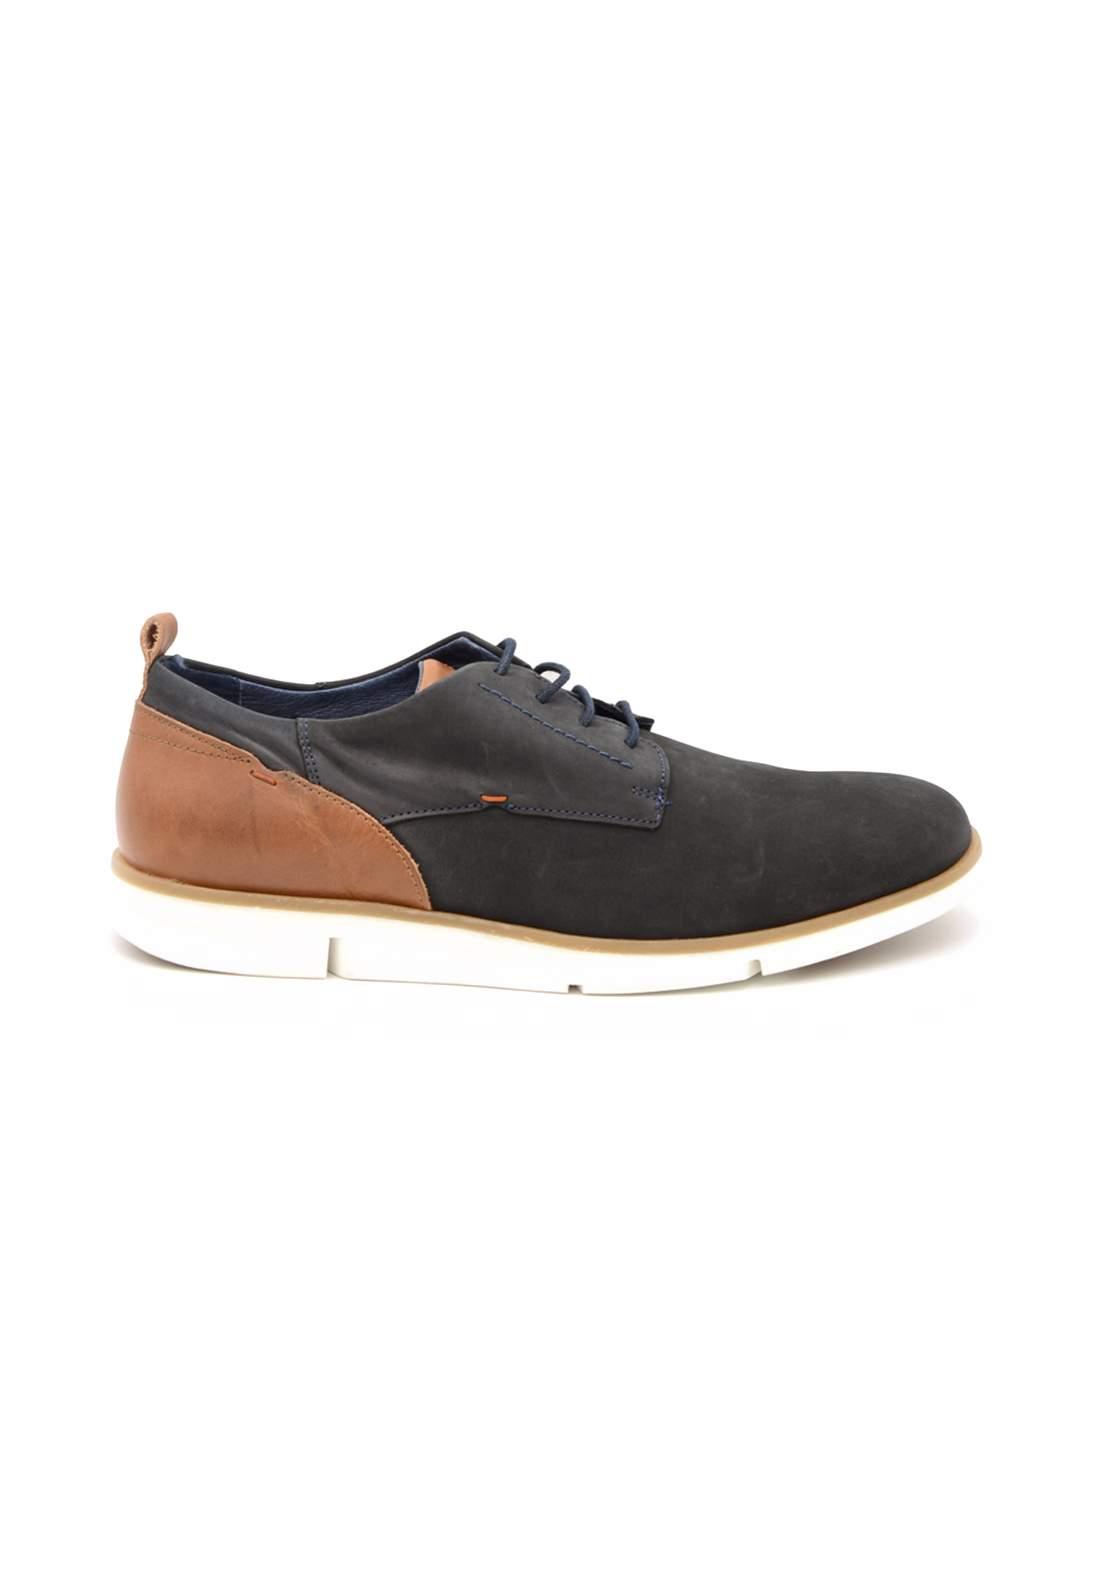 حذاء رجالي اسود وحني اللون من paulhunter